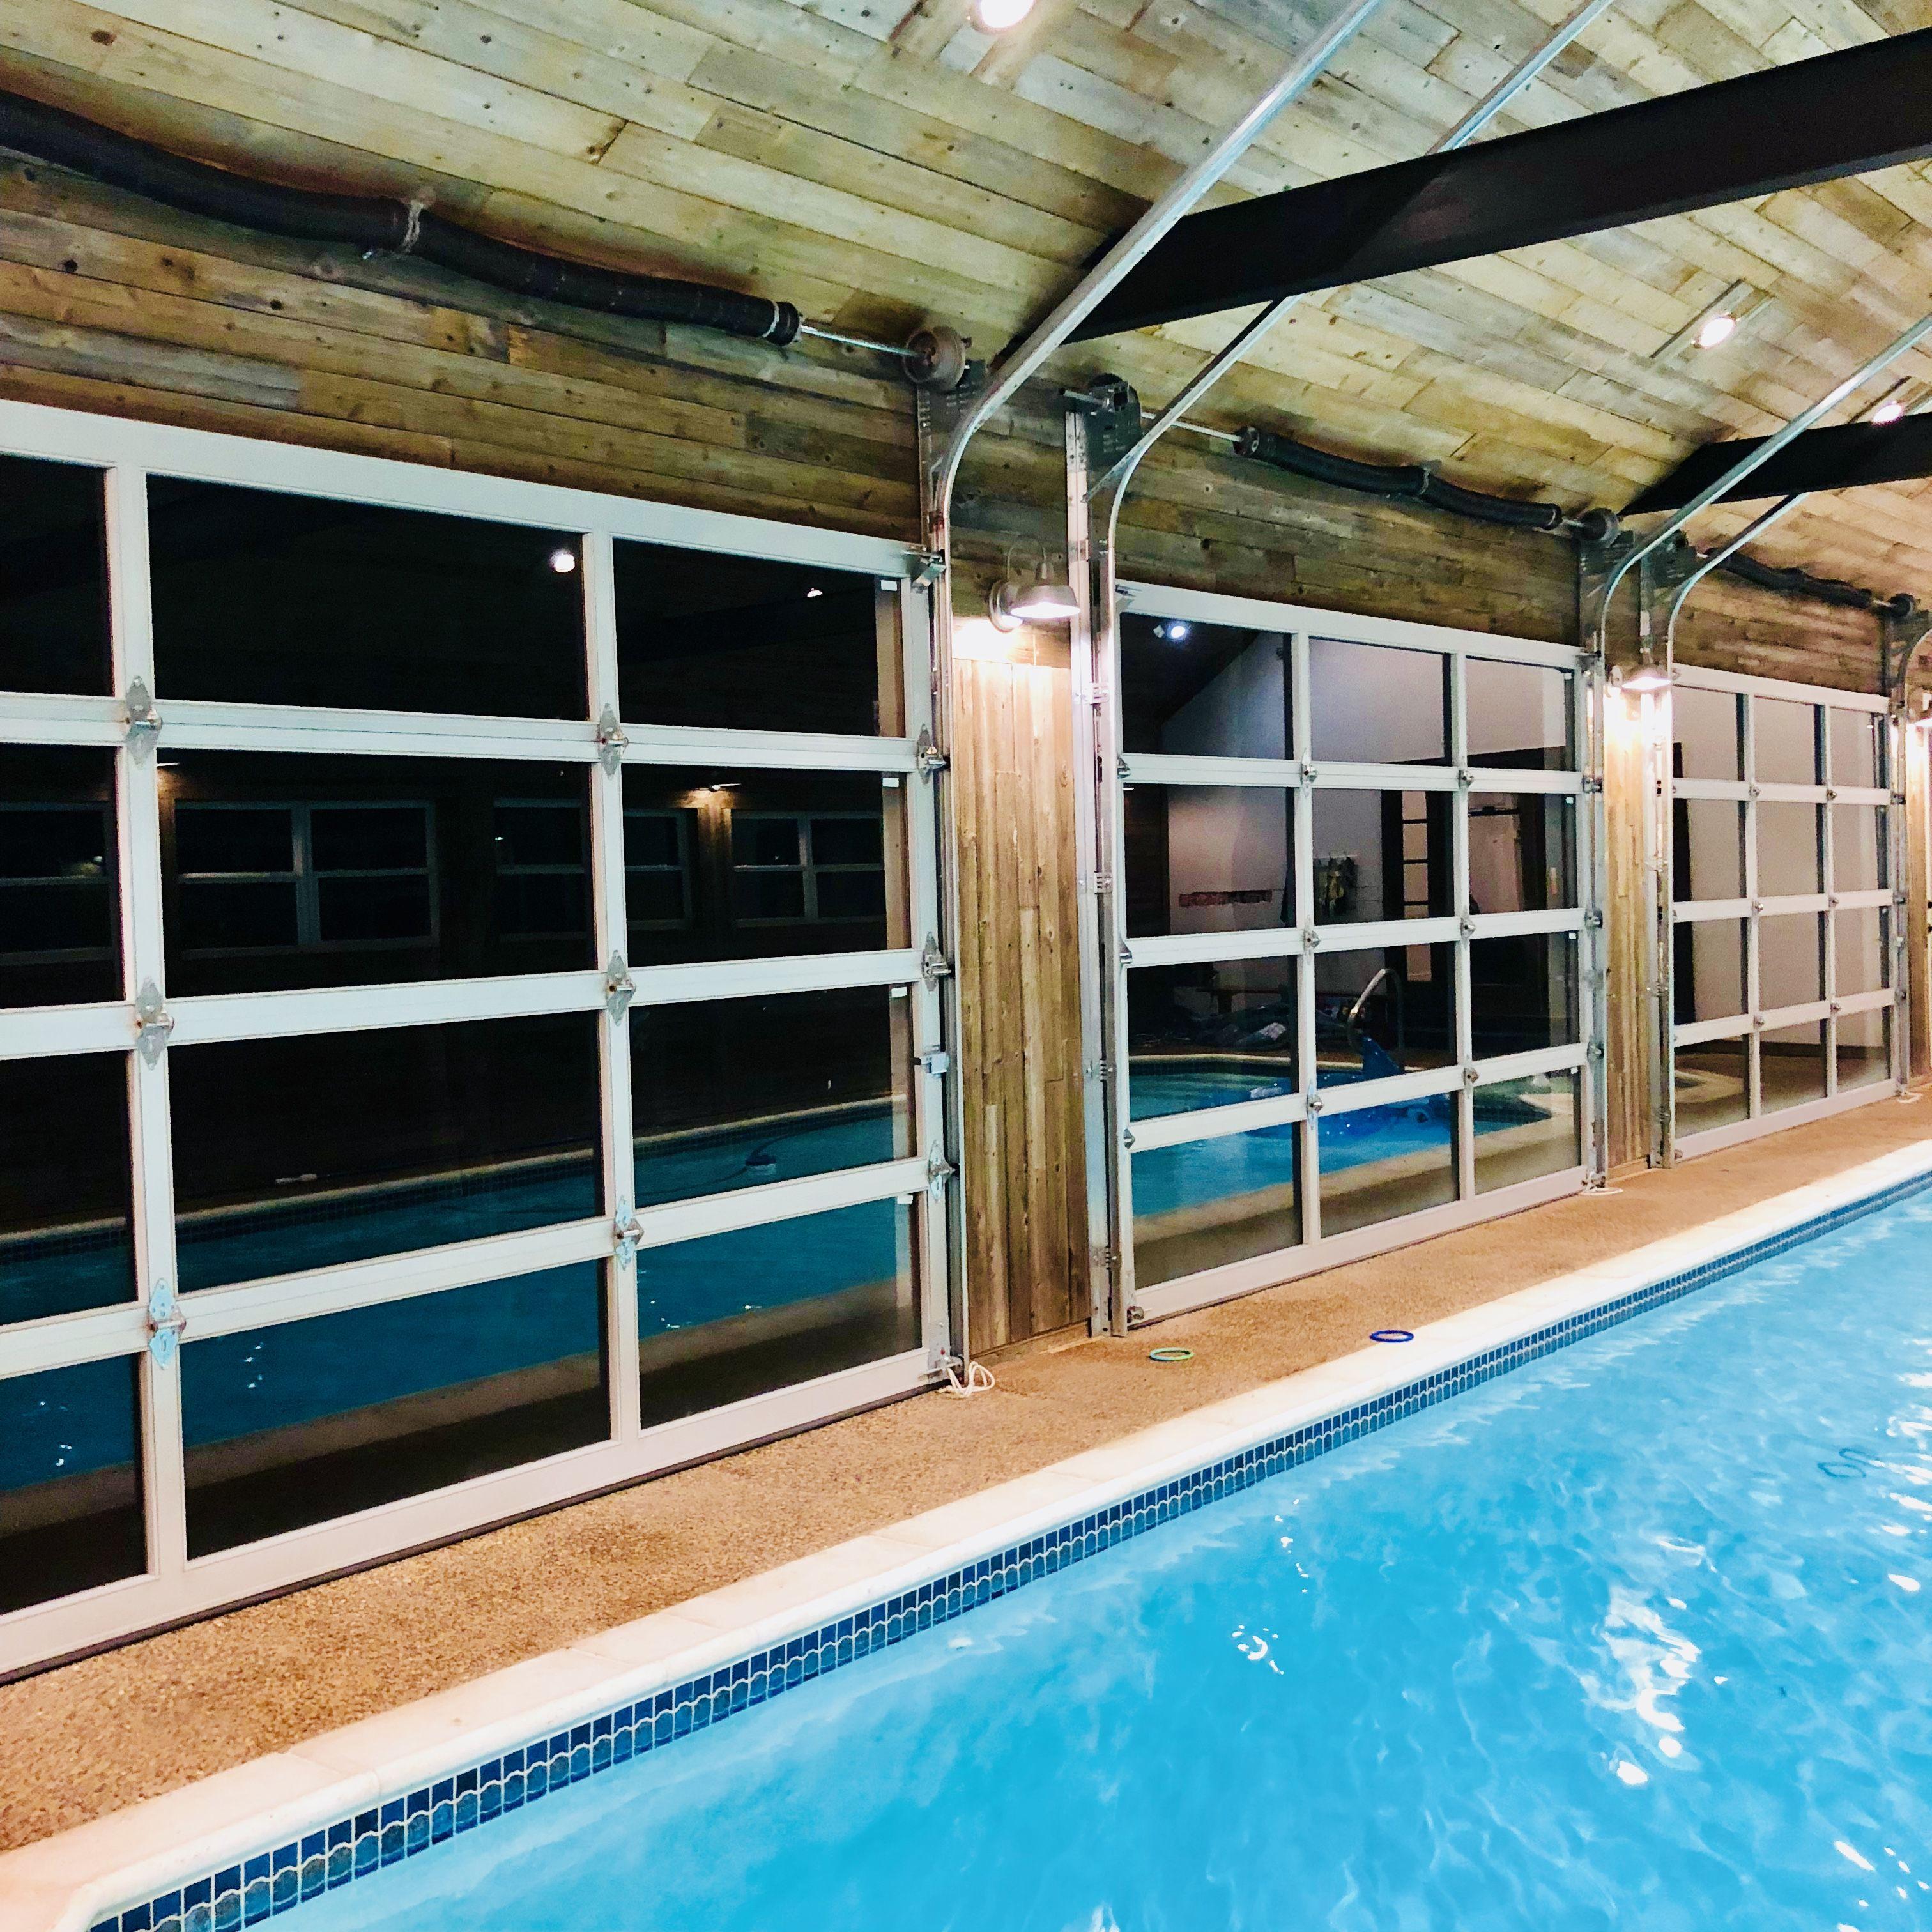 Indoor Pool With Glass Garage Doors Indoor Swimming Pool Design